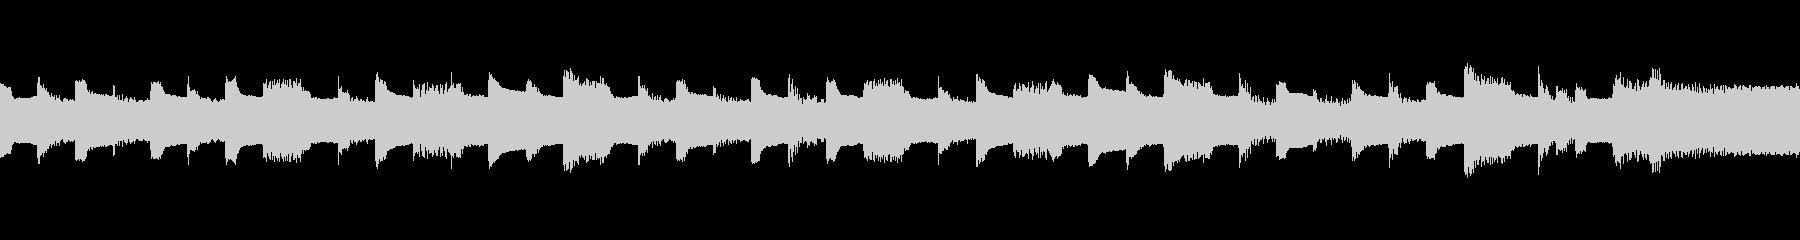 ループ レトロRPG-洞窟地下迷宮の未再生の波形